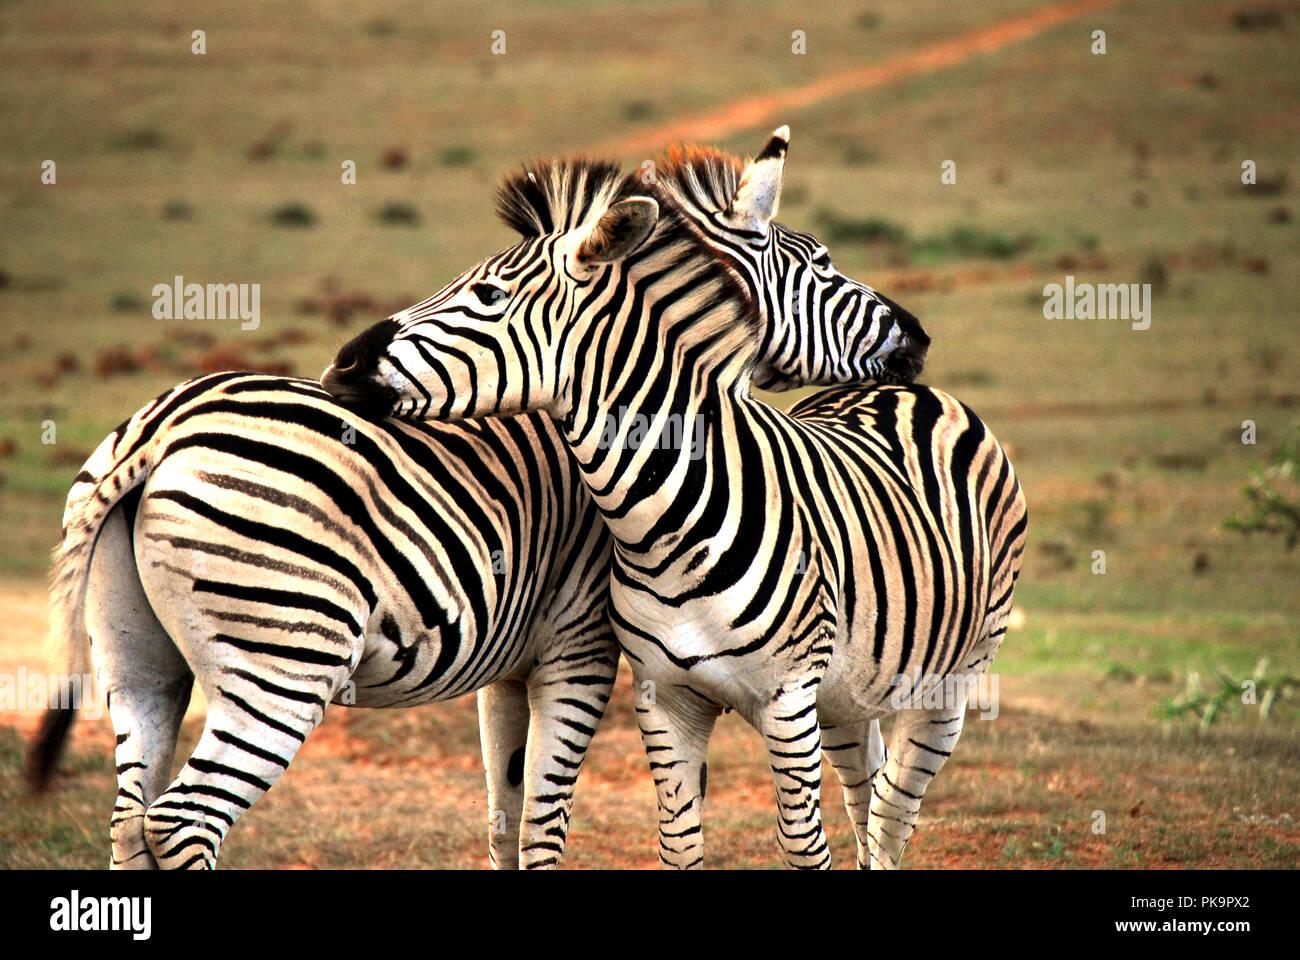 Un'immagine che ti faranno sorridere. Due zebre mostrando affetto dal resto le loro teste su uno un altro groppe del. Un grande sfondo o sfondo. Immagini Stock